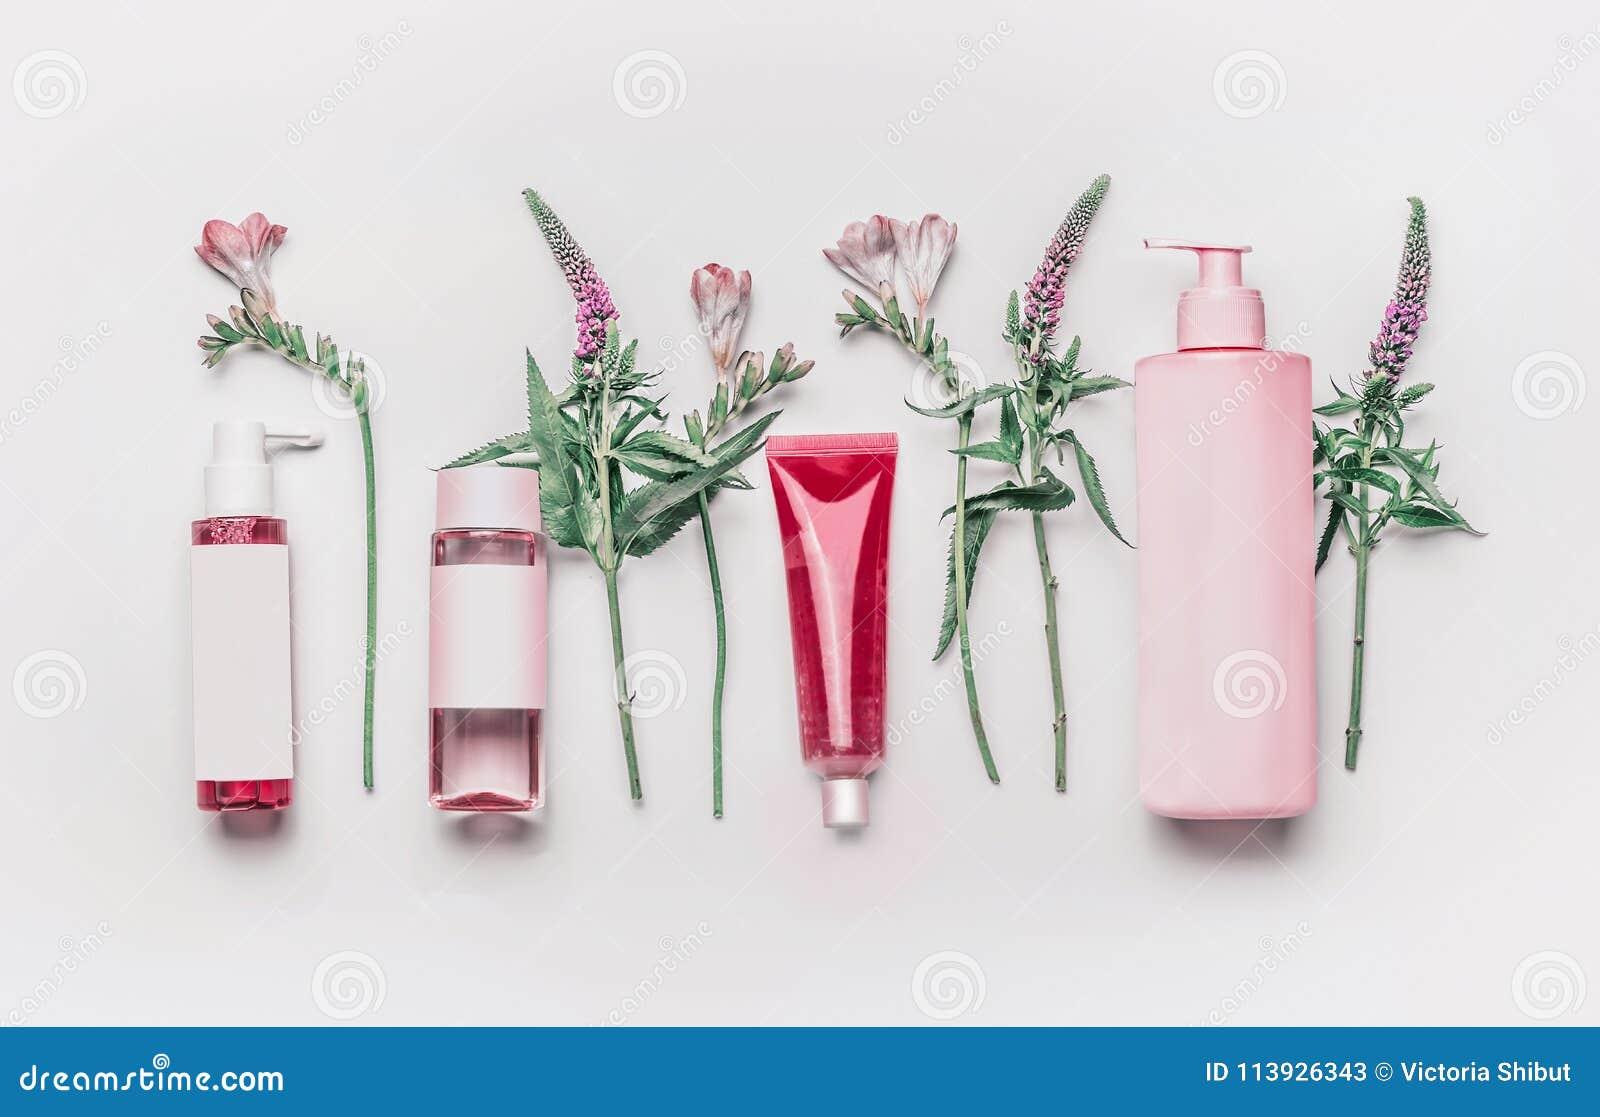 De roze kruiden natuurlijke gezichtscosmetischee producten plaatsen met kruiden en bloemen op witte achtergrond